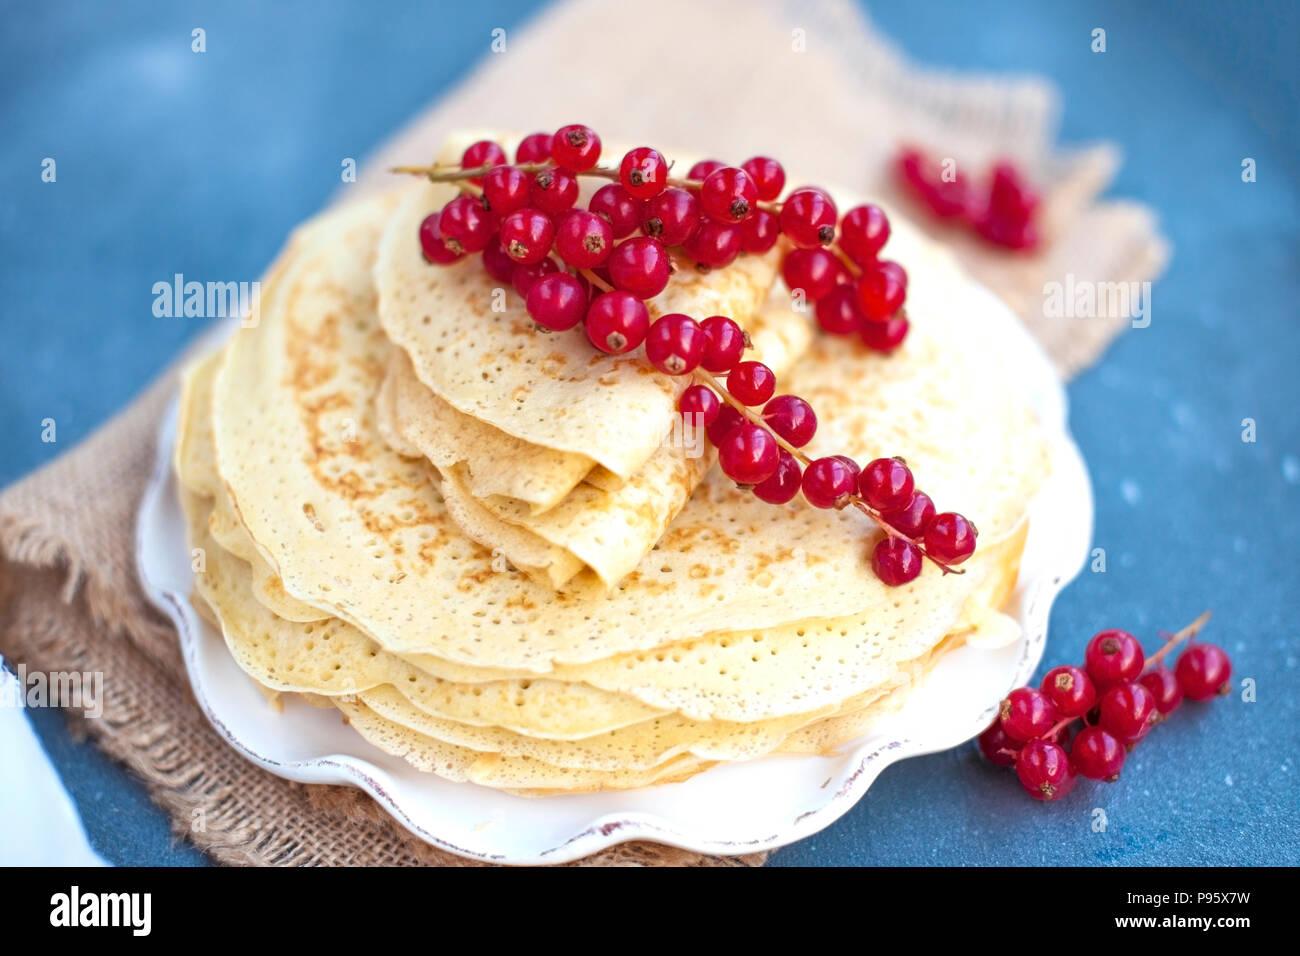 Thin frittelle dolci. tradizionale cibo russo in primavera. Festive treat. Colazione casalinga. Spazio libero per il testo o una cartolina. Immagini Stock